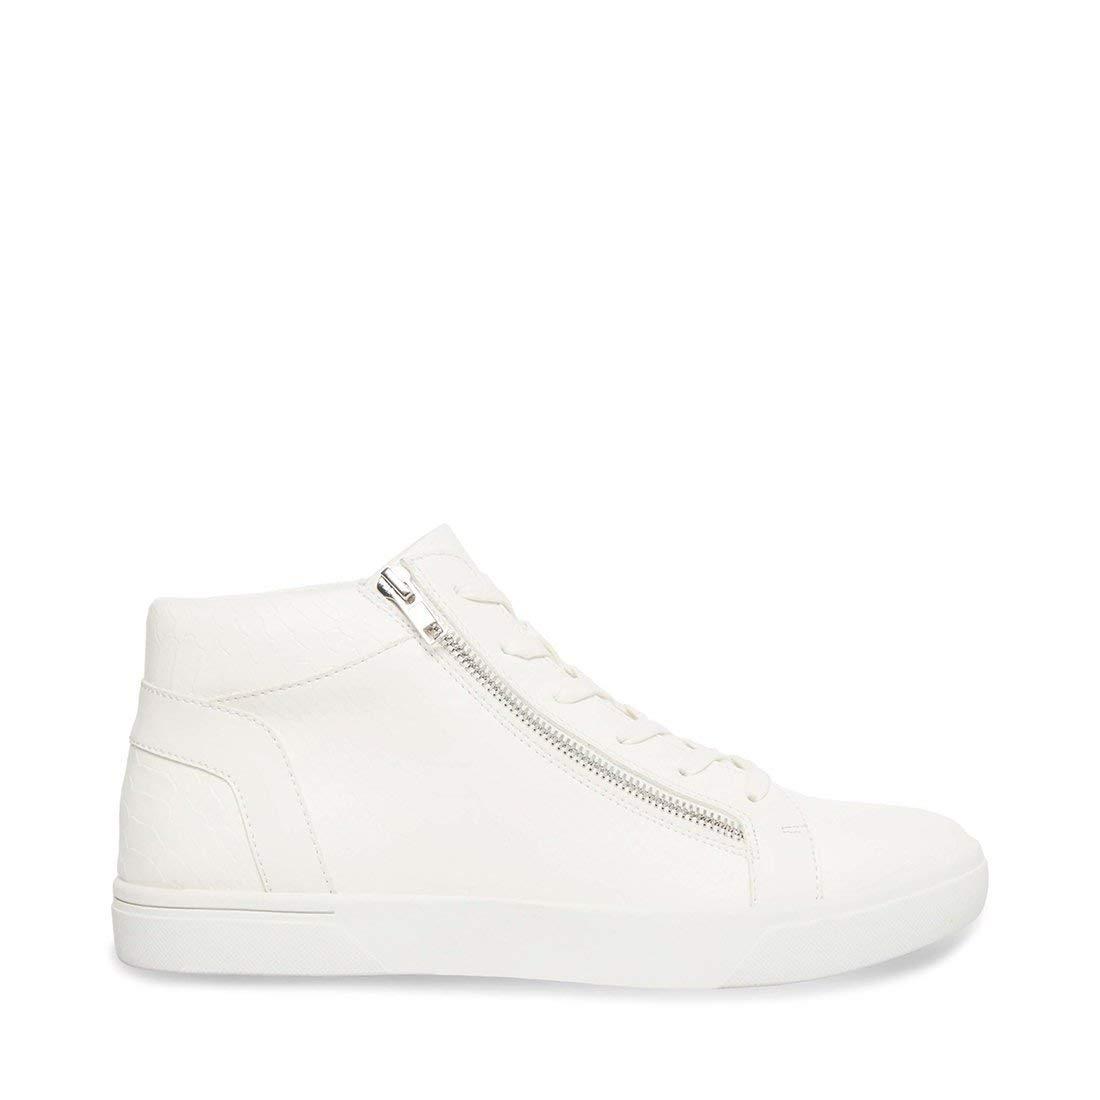 Steve Madden Rayne Sneaker White